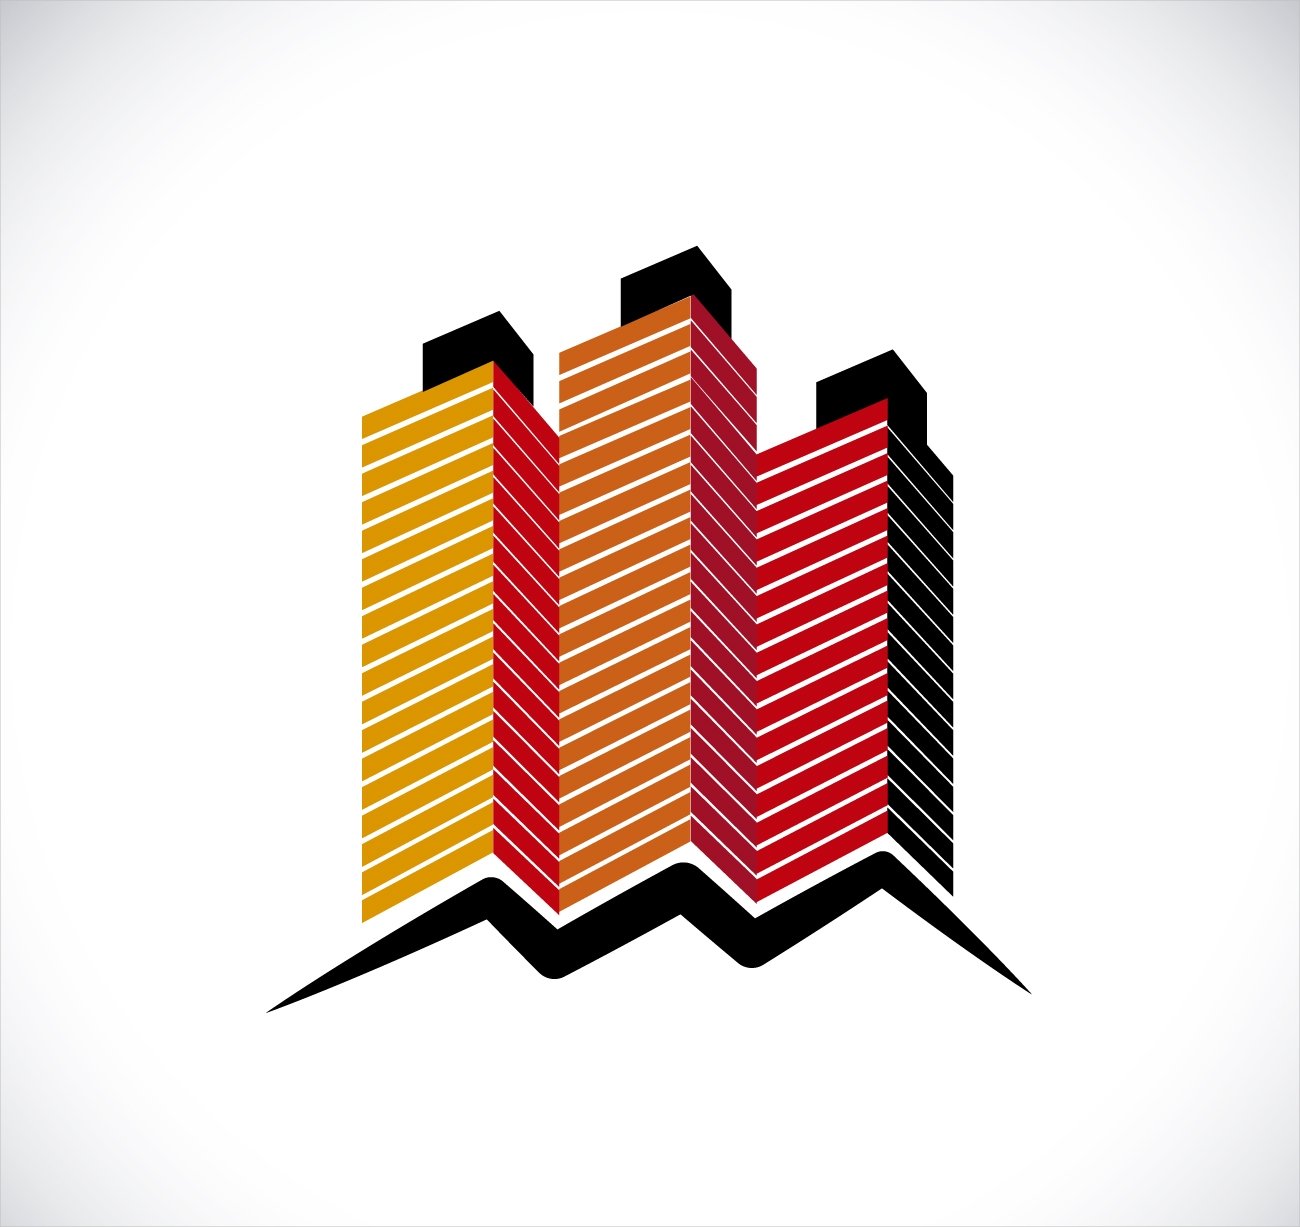 skyrise building logo